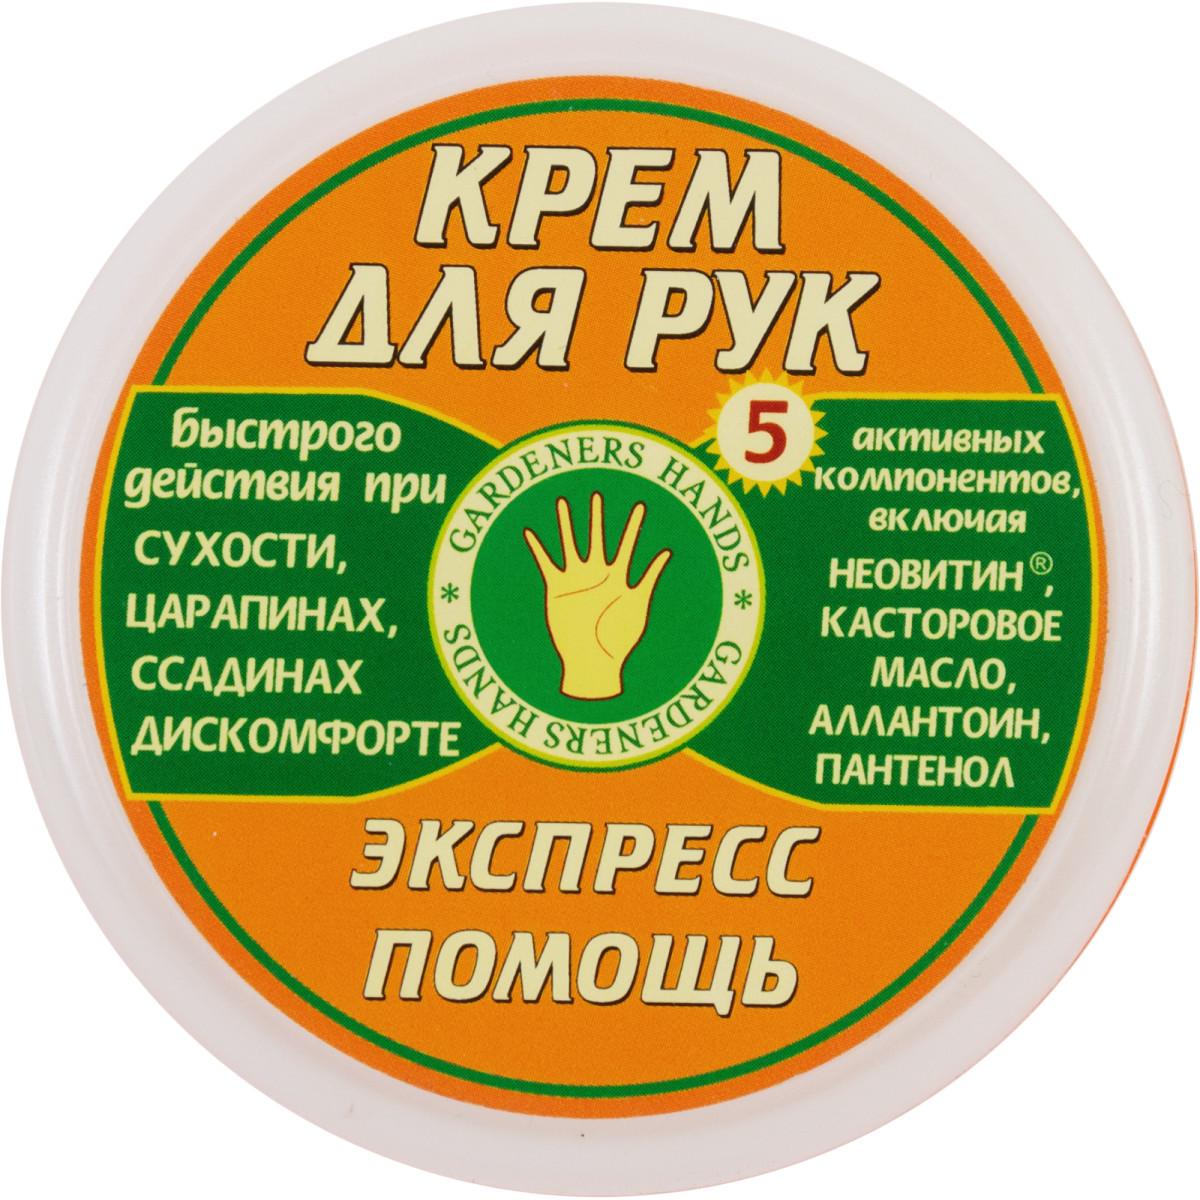 Крем для рук Gardeners Hands Экспресс помощь